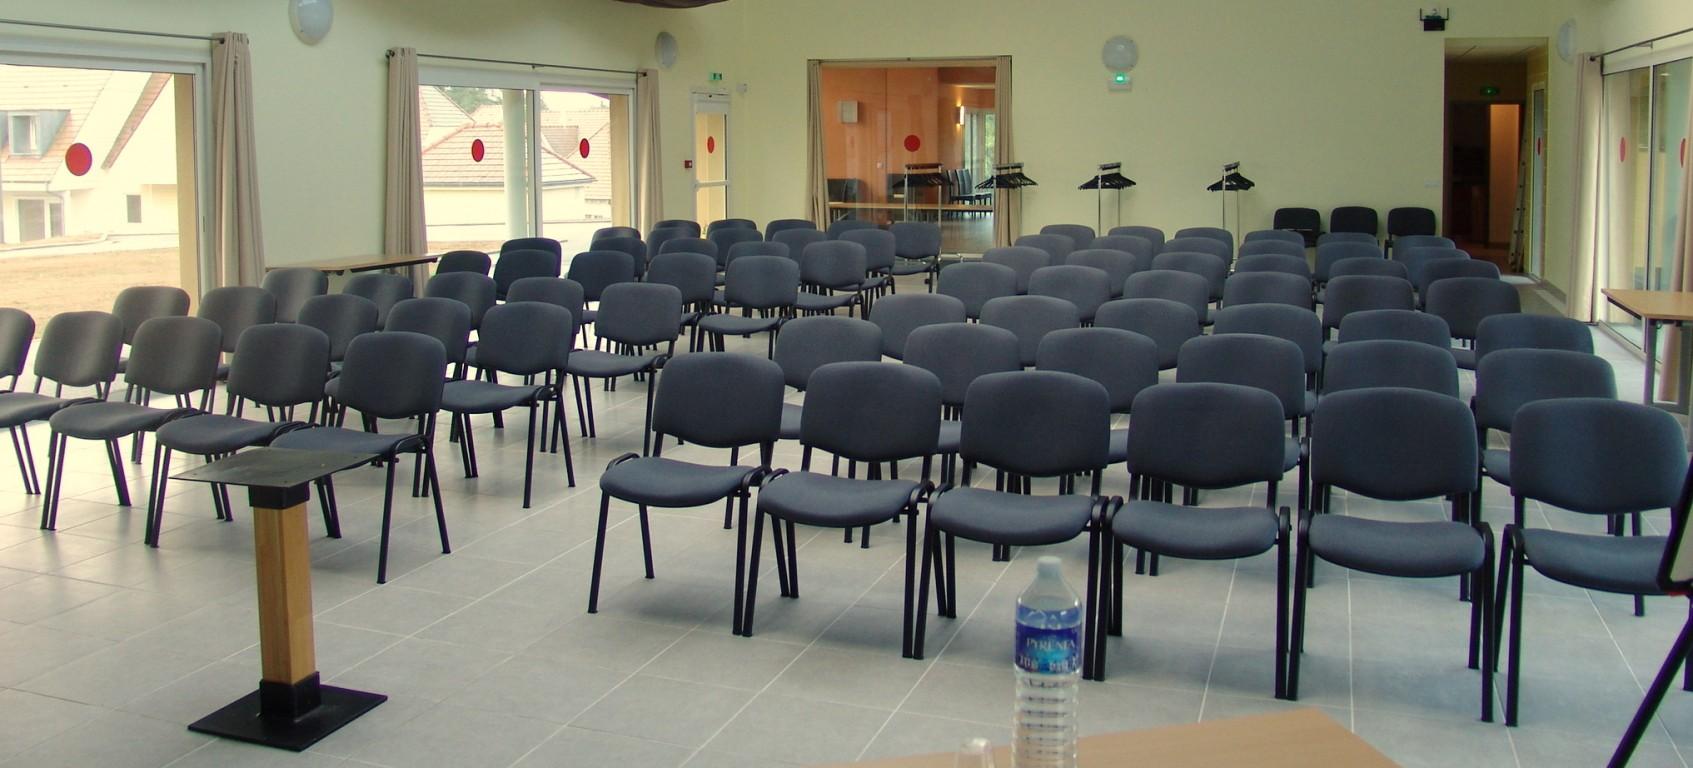 Salle séminaire pyrénées atlantiques